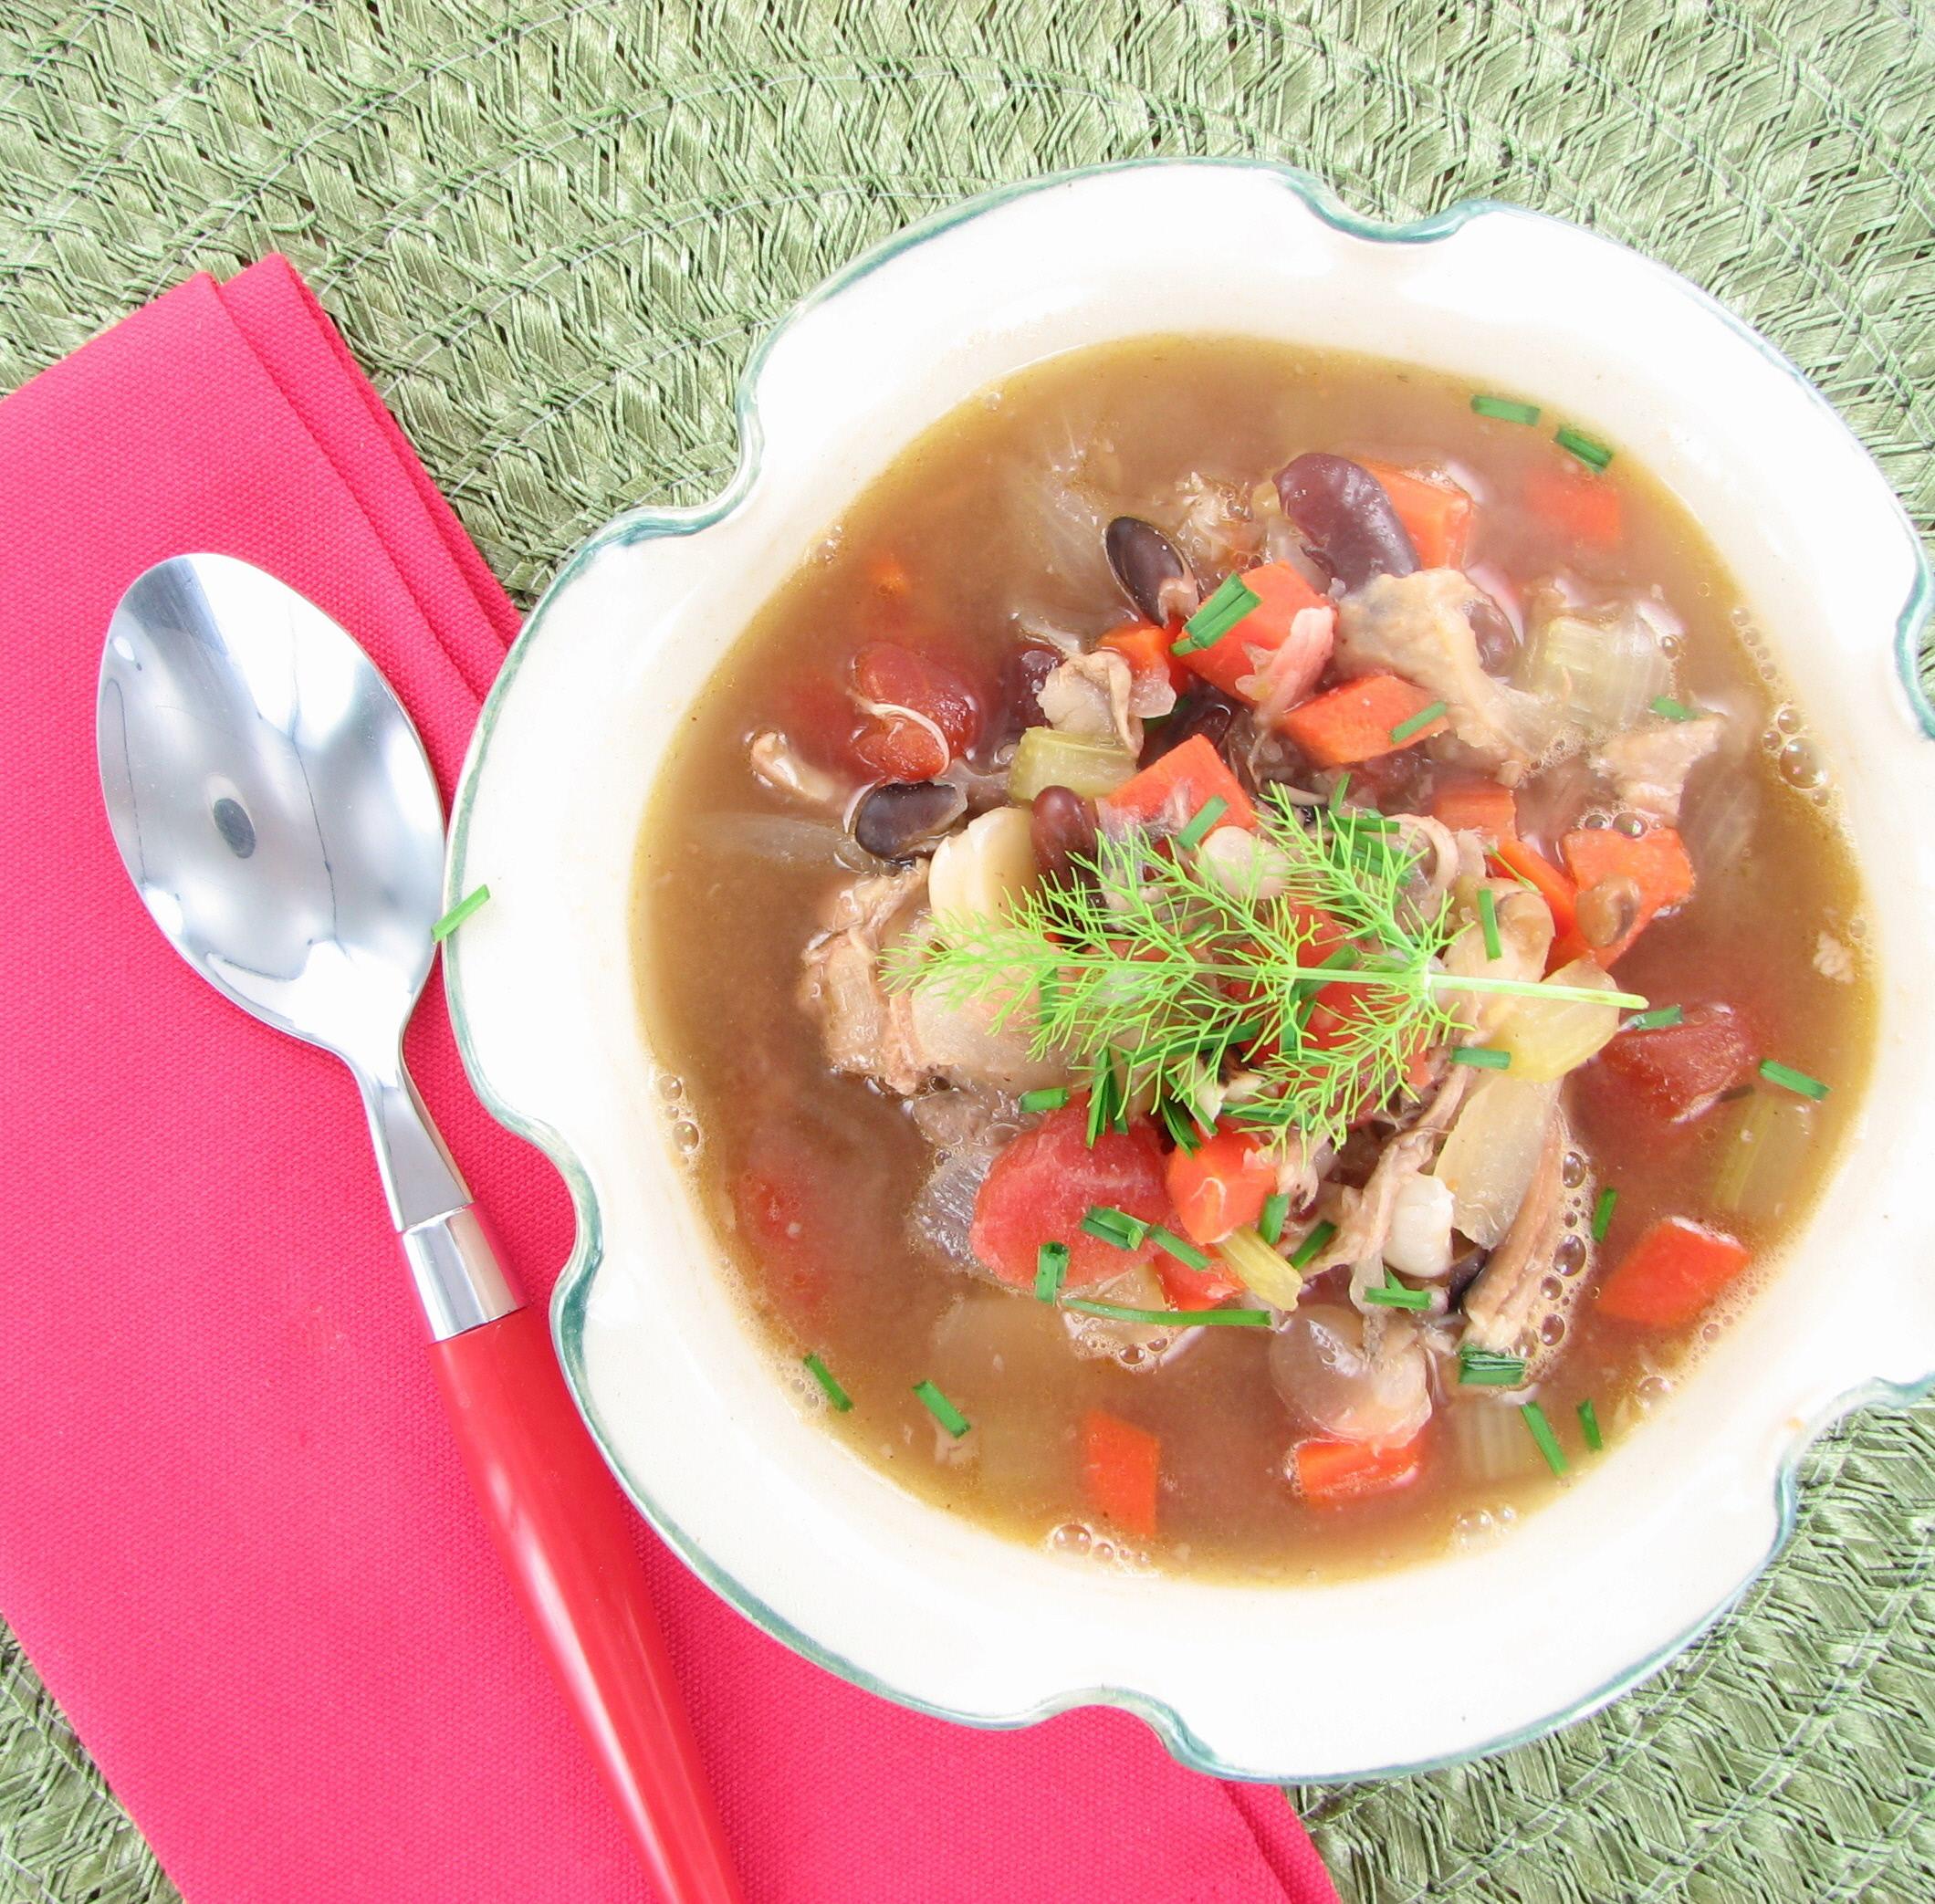 Taco chicken 15 bean soup